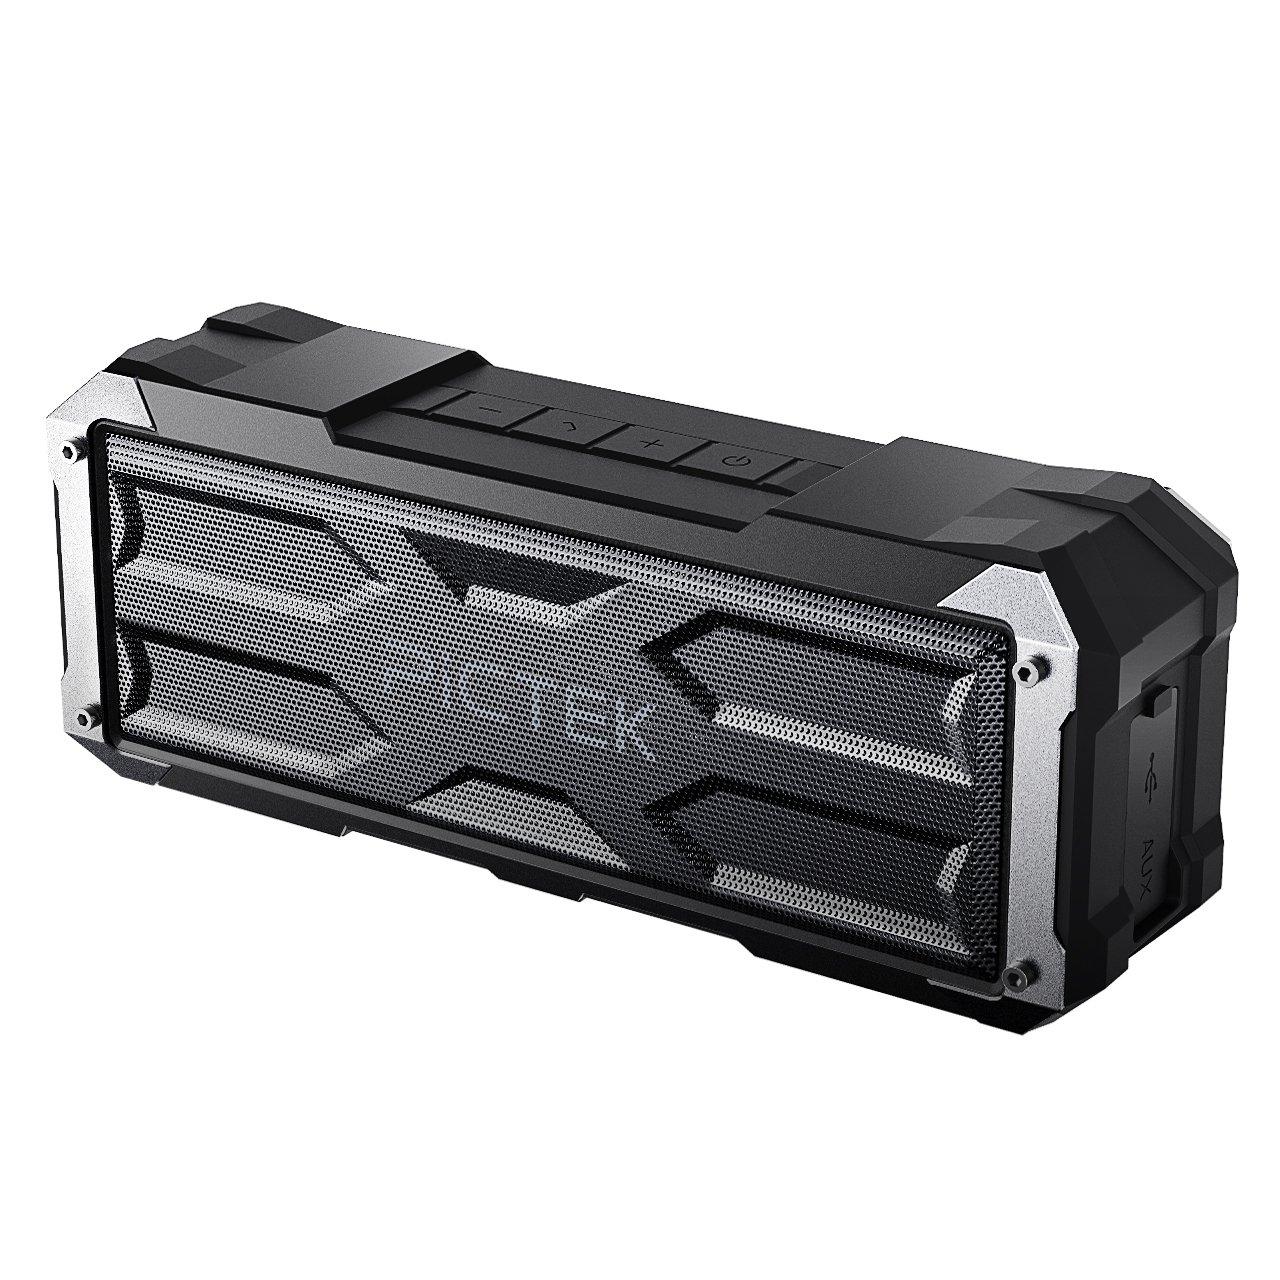 Enceinte Bluetooth 4.0 Pictek - 20W, Étanche, Autonomie 24h, Microphone (Vendeur tiers)